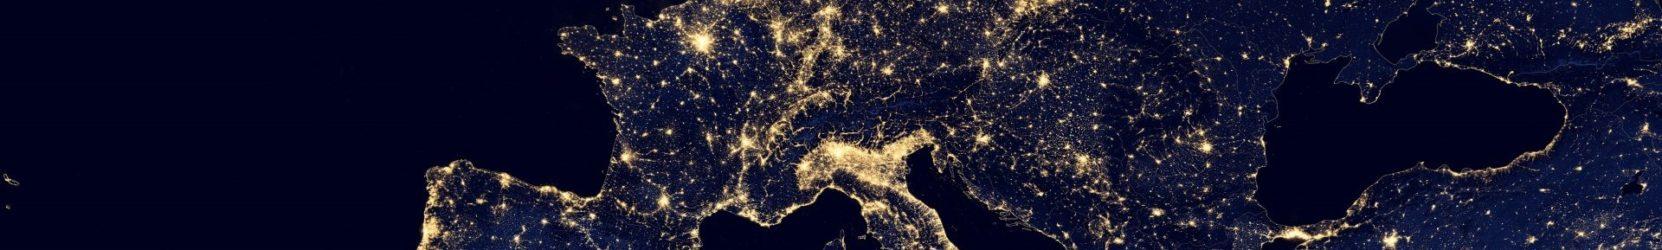 Europe-lights